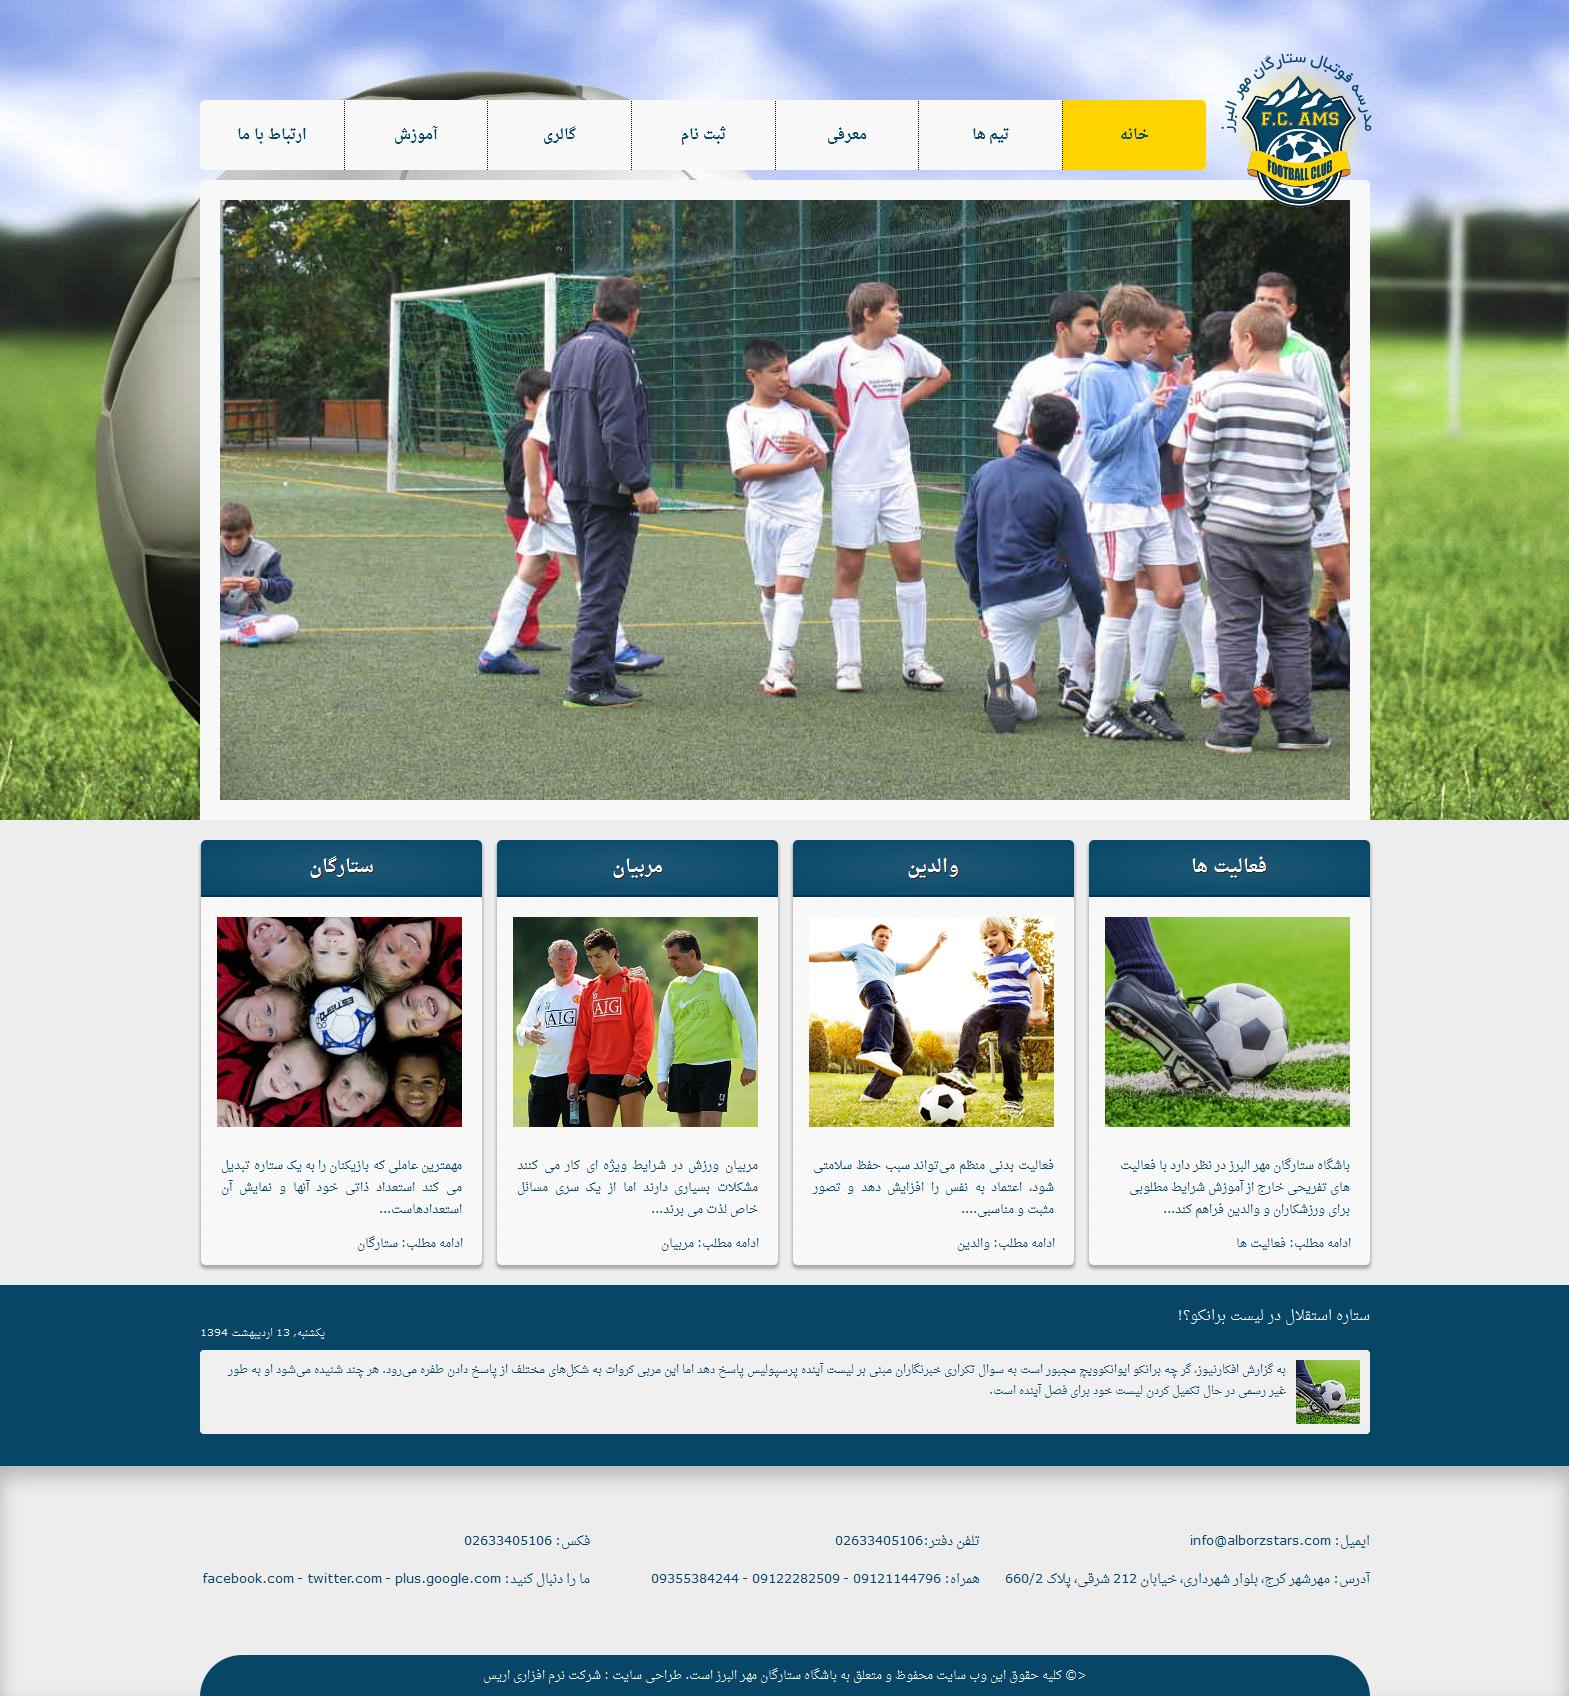 مدرسه فوتبال ستارگان مهر البرز